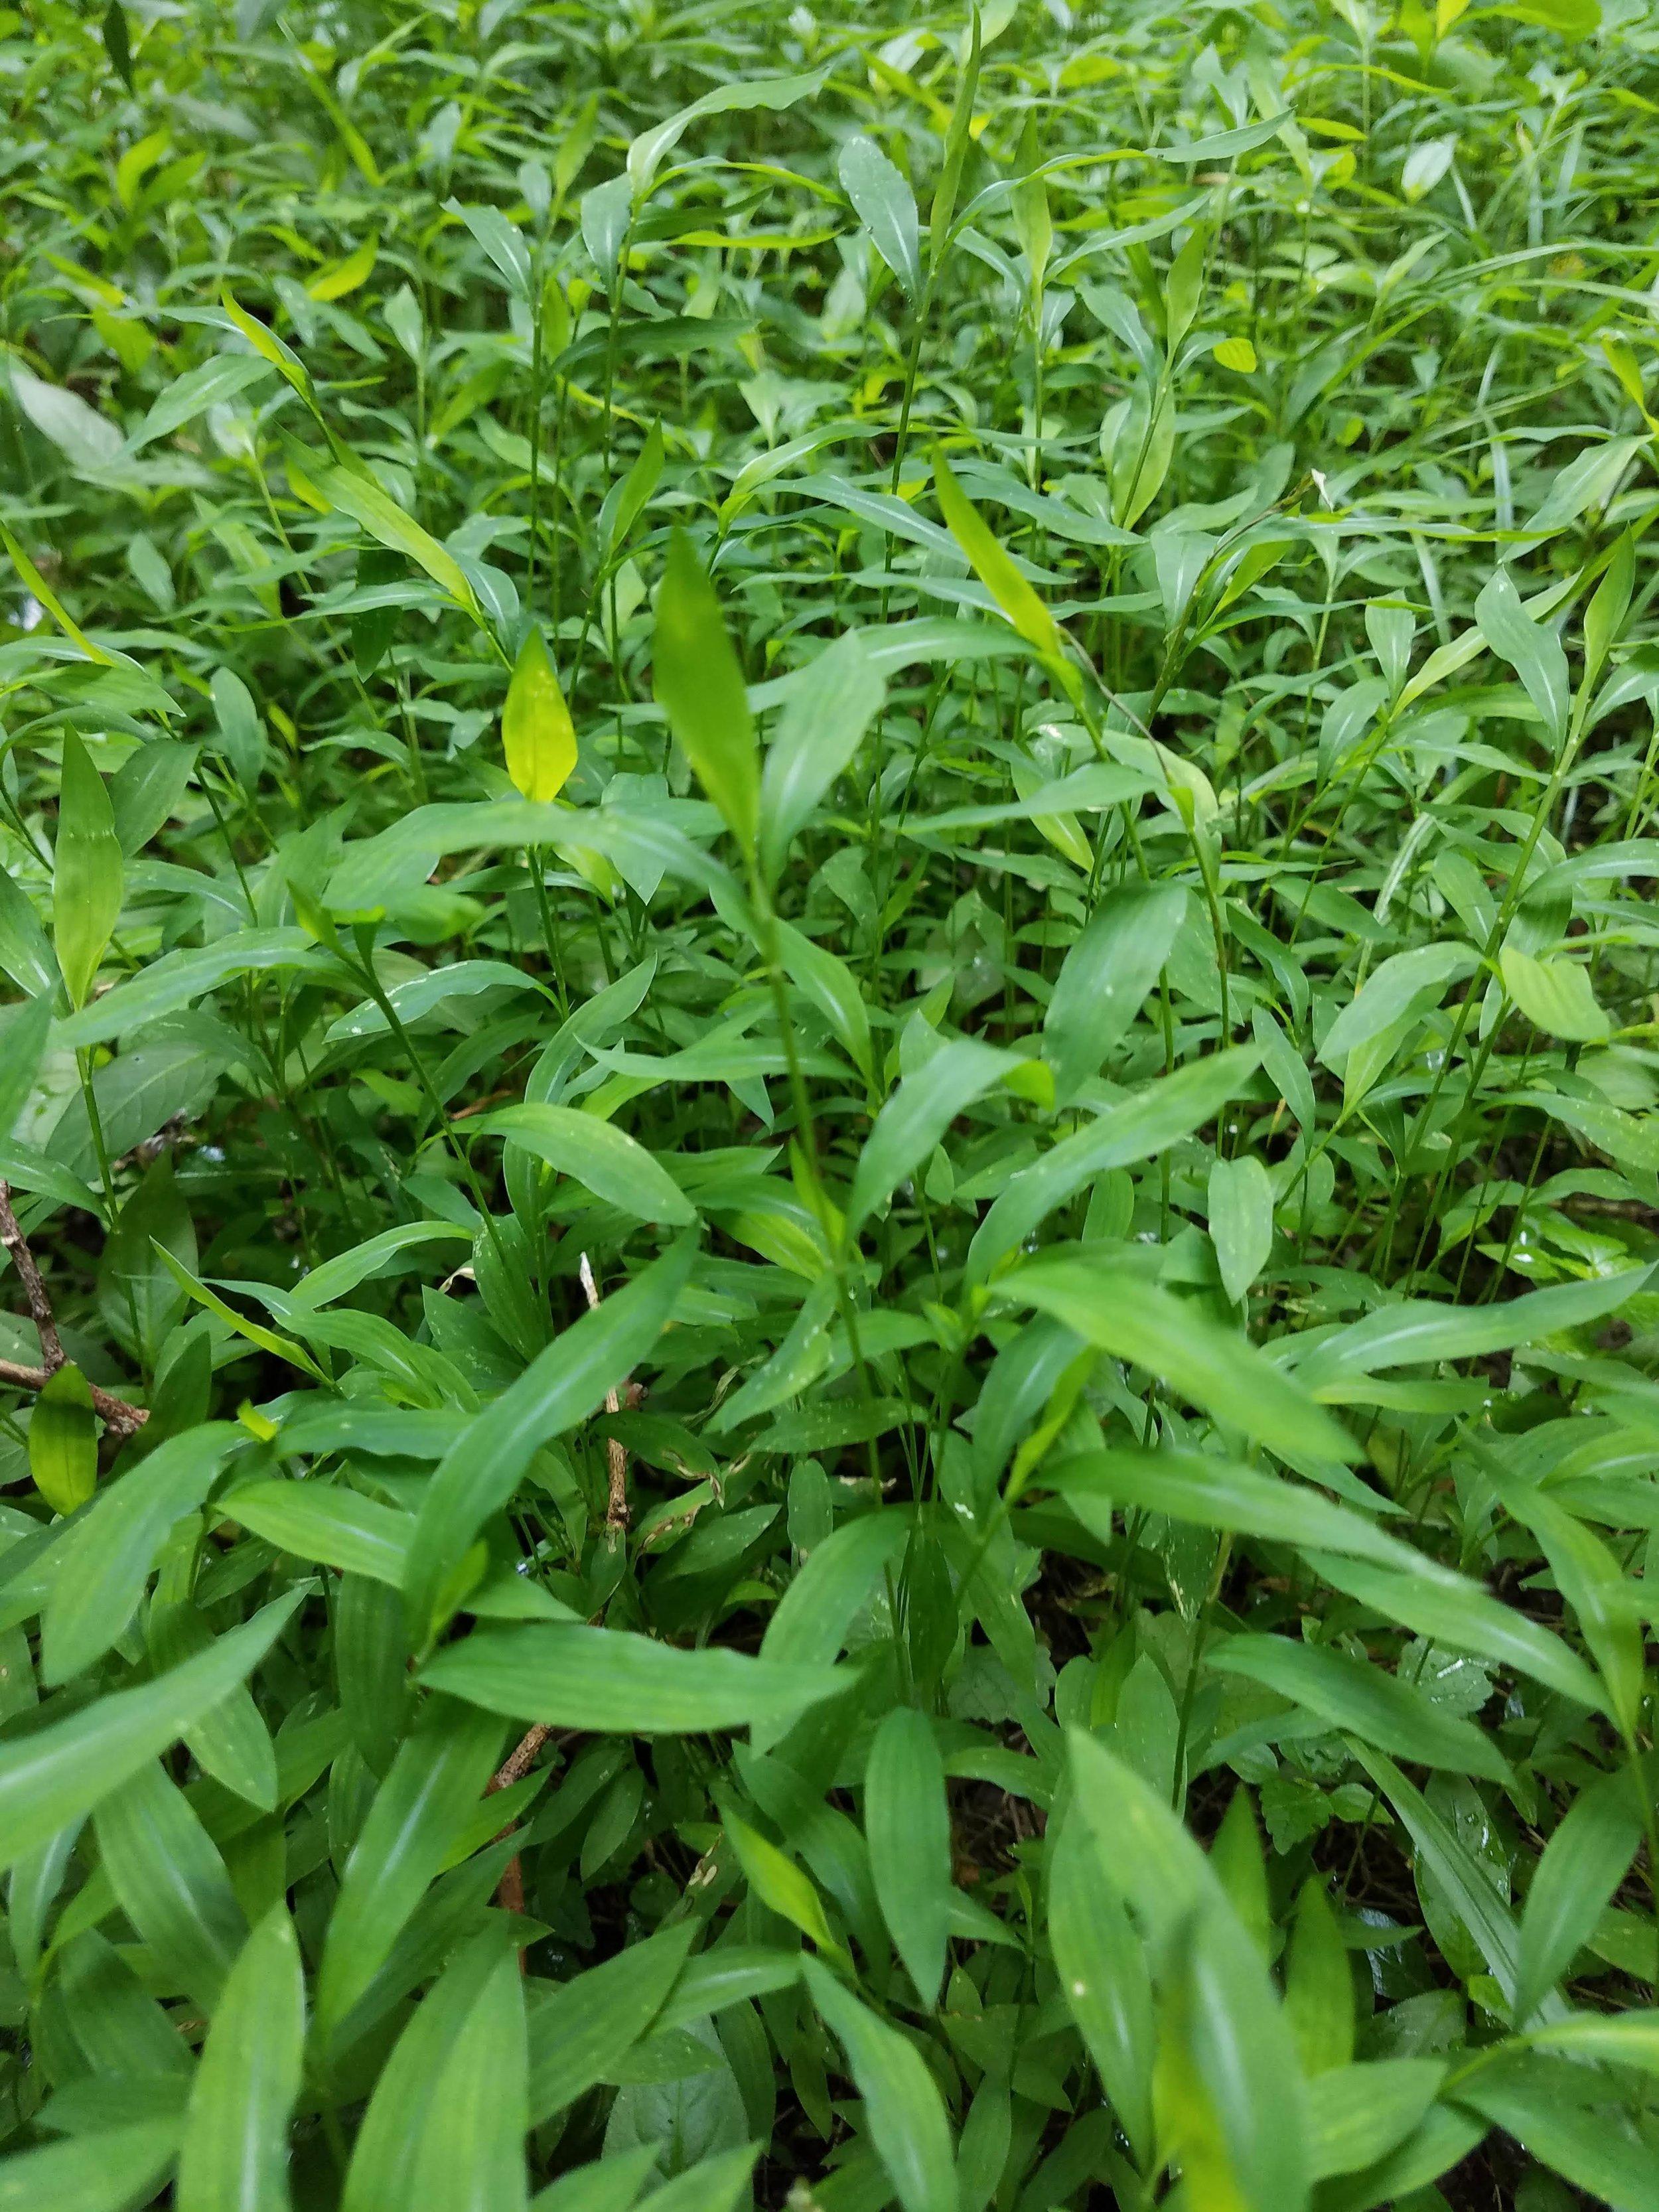 Japanese Stiltgrass